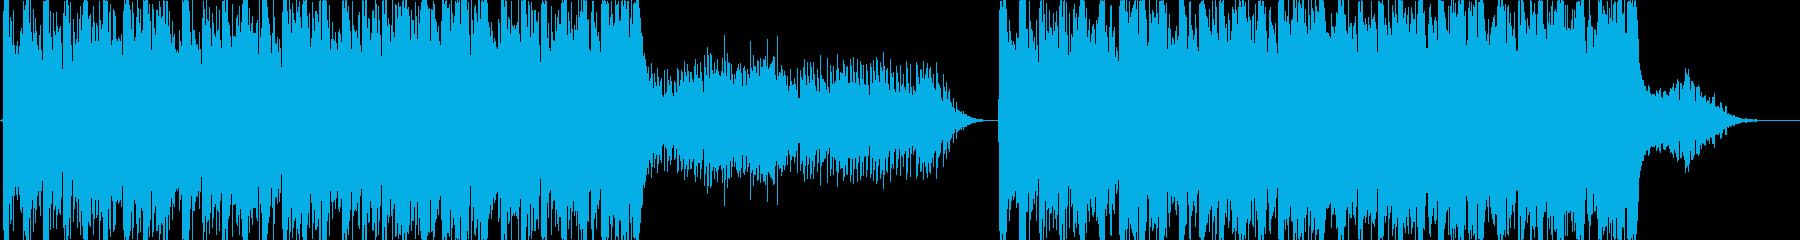 幻想的で雄大なストリングス-短縮版-の再生済みの波形